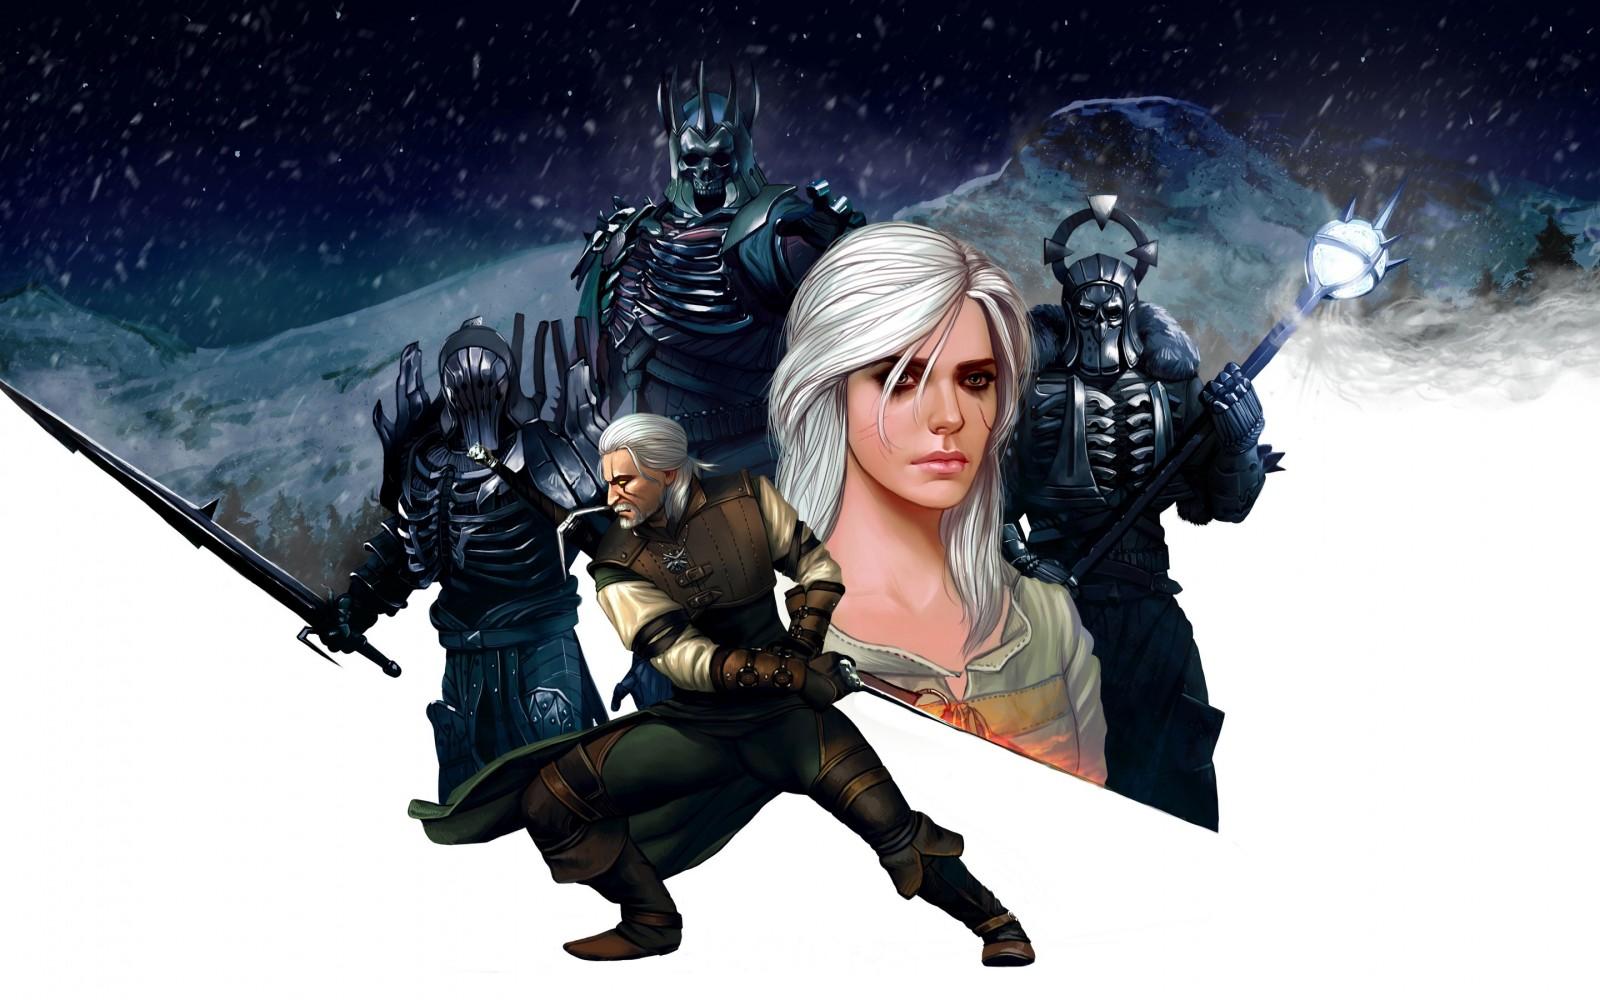 Обои - The Witcher 3: Wild Hunt